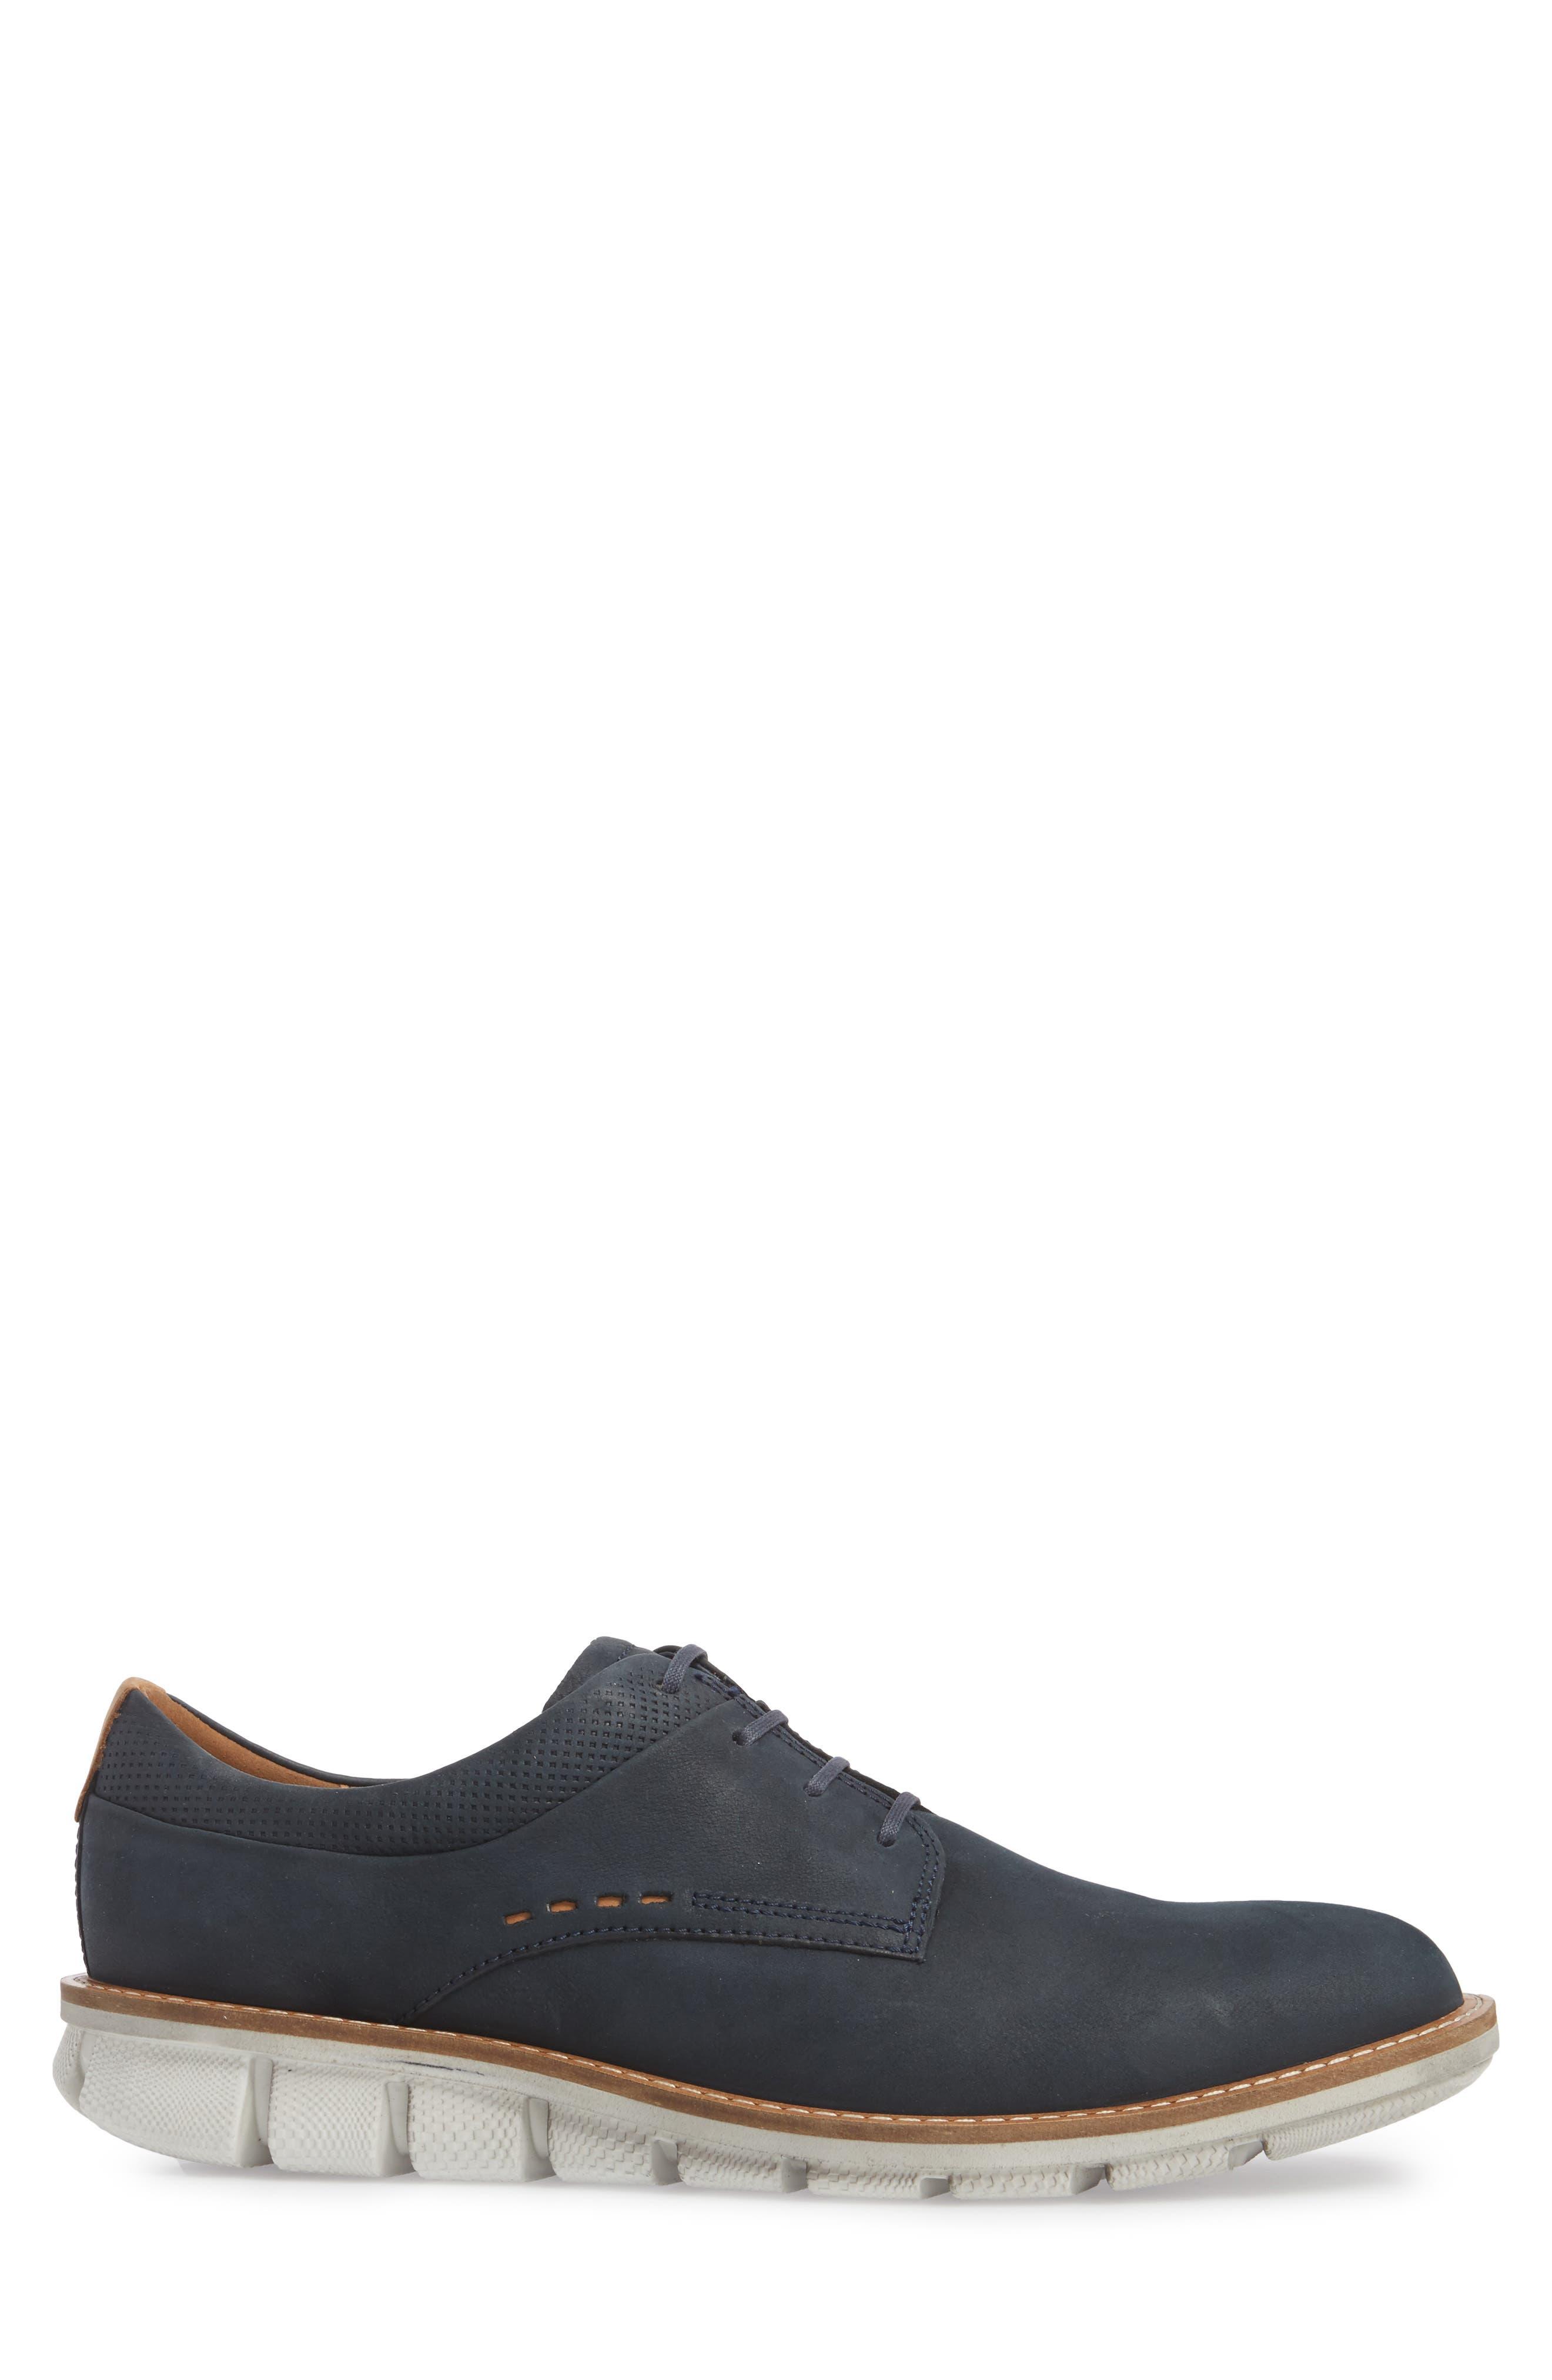 Jeremy Hybrid Plain Toe Derby,                             Alternate thumbnail 5, color,                             Navy Leather